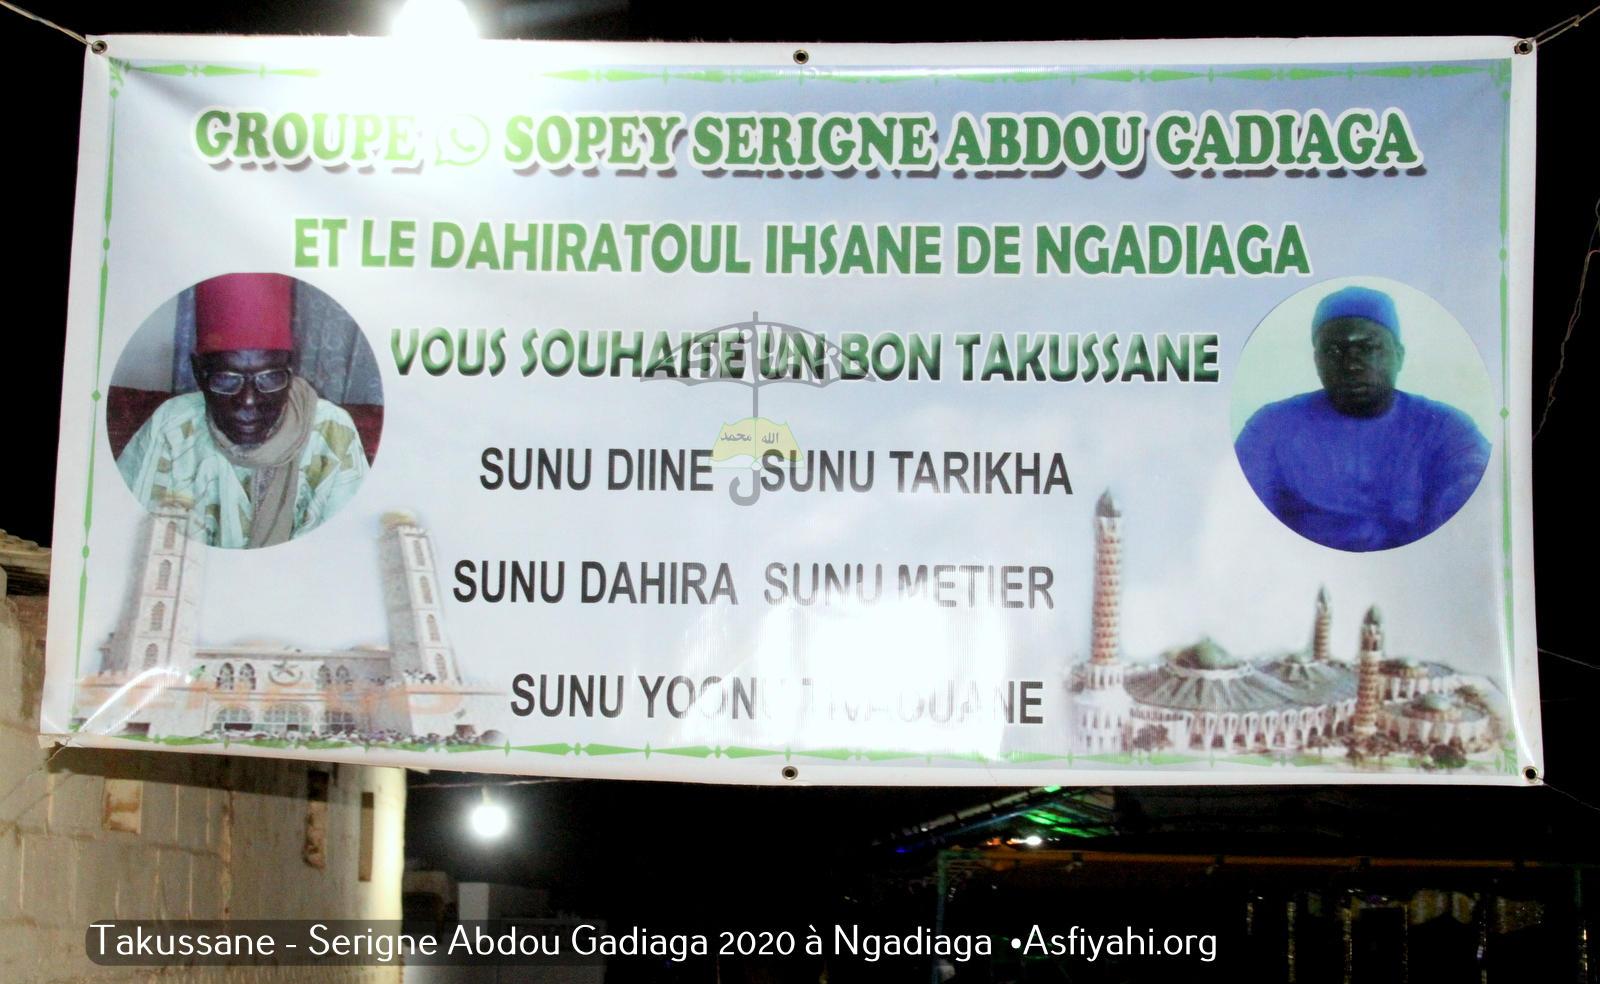 PHOTOS - NGADIAGA 2020 - Les images du Takussane Serigne Abdou Gadiaga, présidé par Serigne Pape Gadiaga